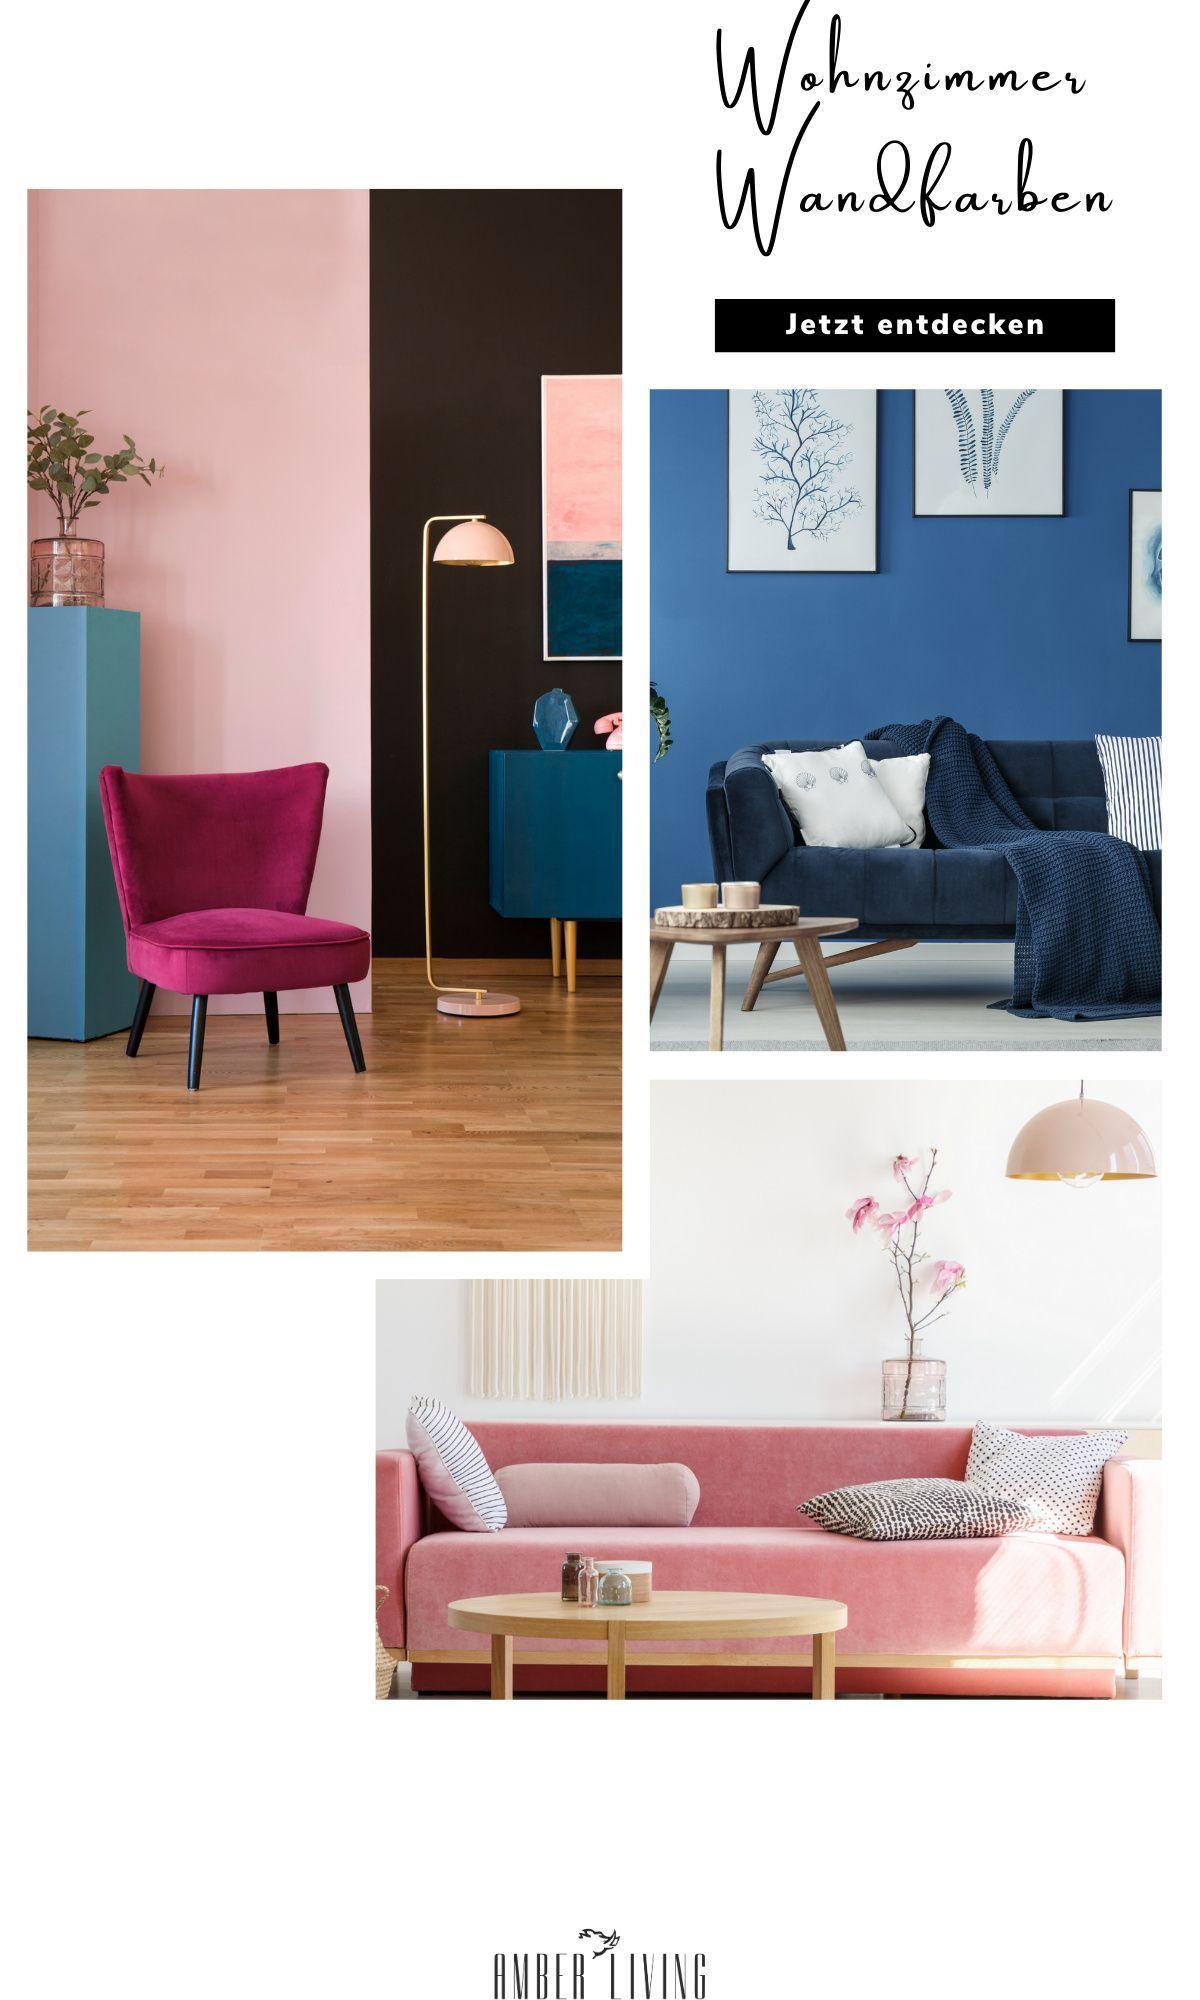 Die Besten Wohnzimmer Wandfarben Wandfarbe Wohnzimmer Wandfarbe Haus Deko